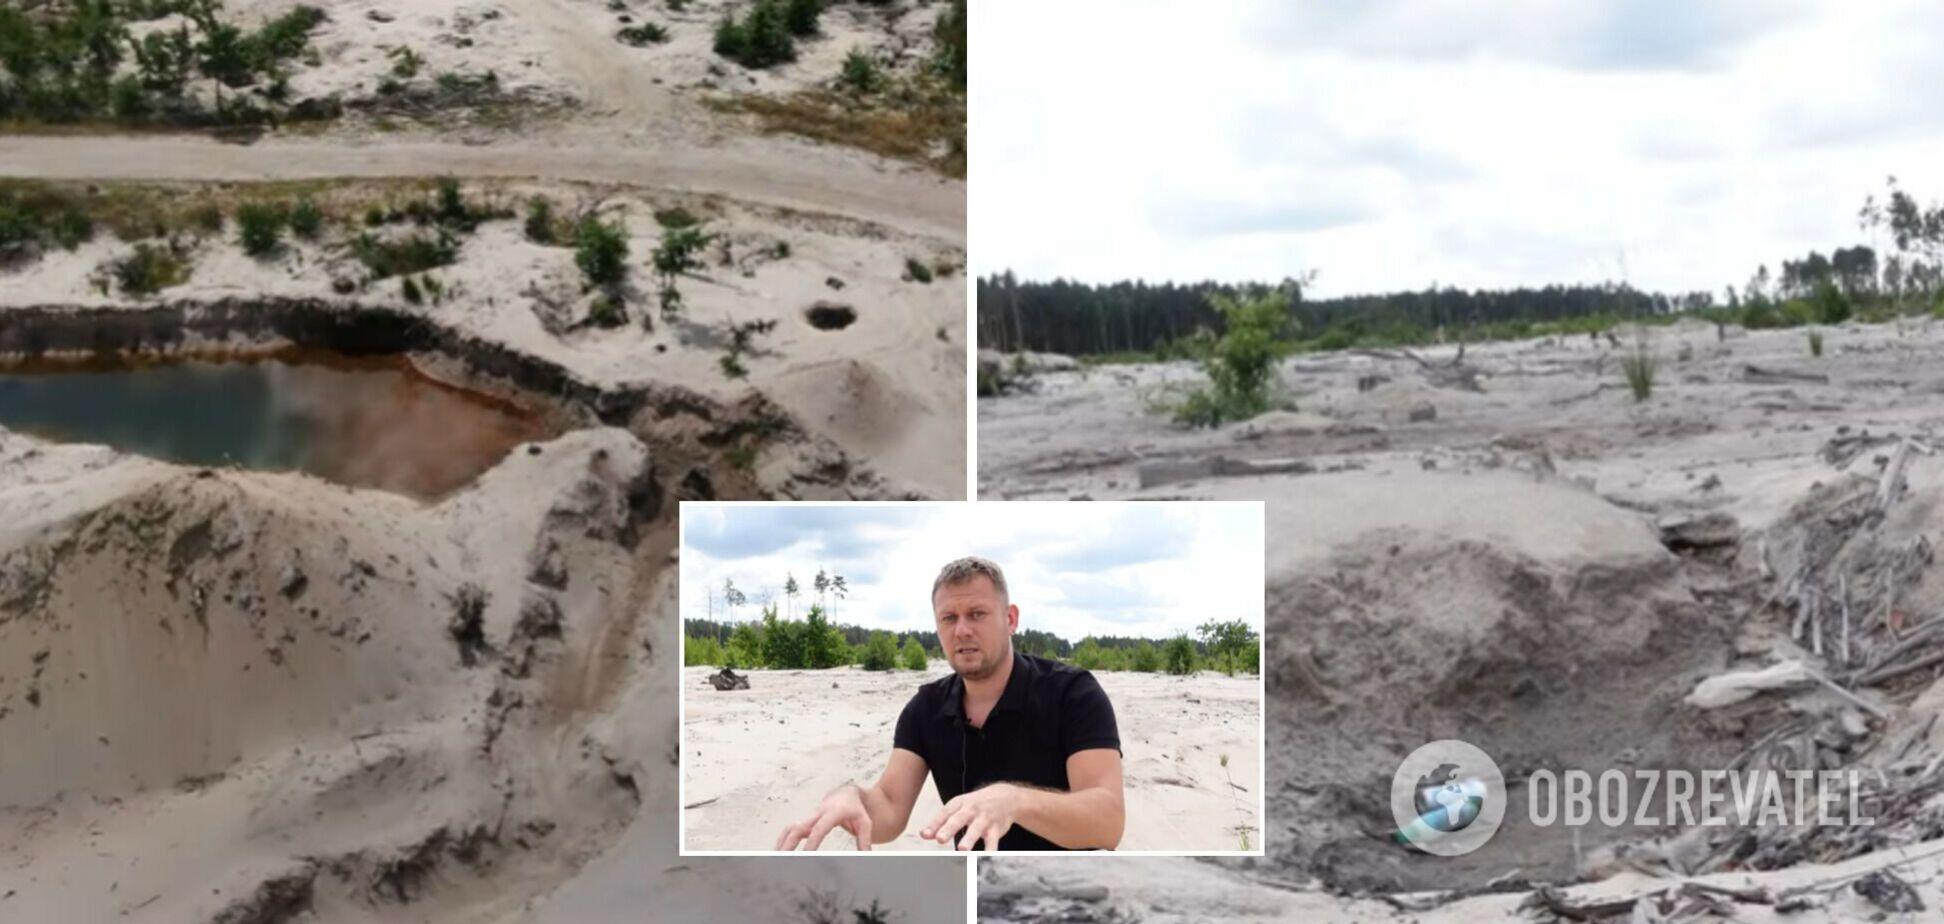 Ліси нагадують місячну пустелю: з'явилося нове відео наслідків видобутку бурштину на Поліссі